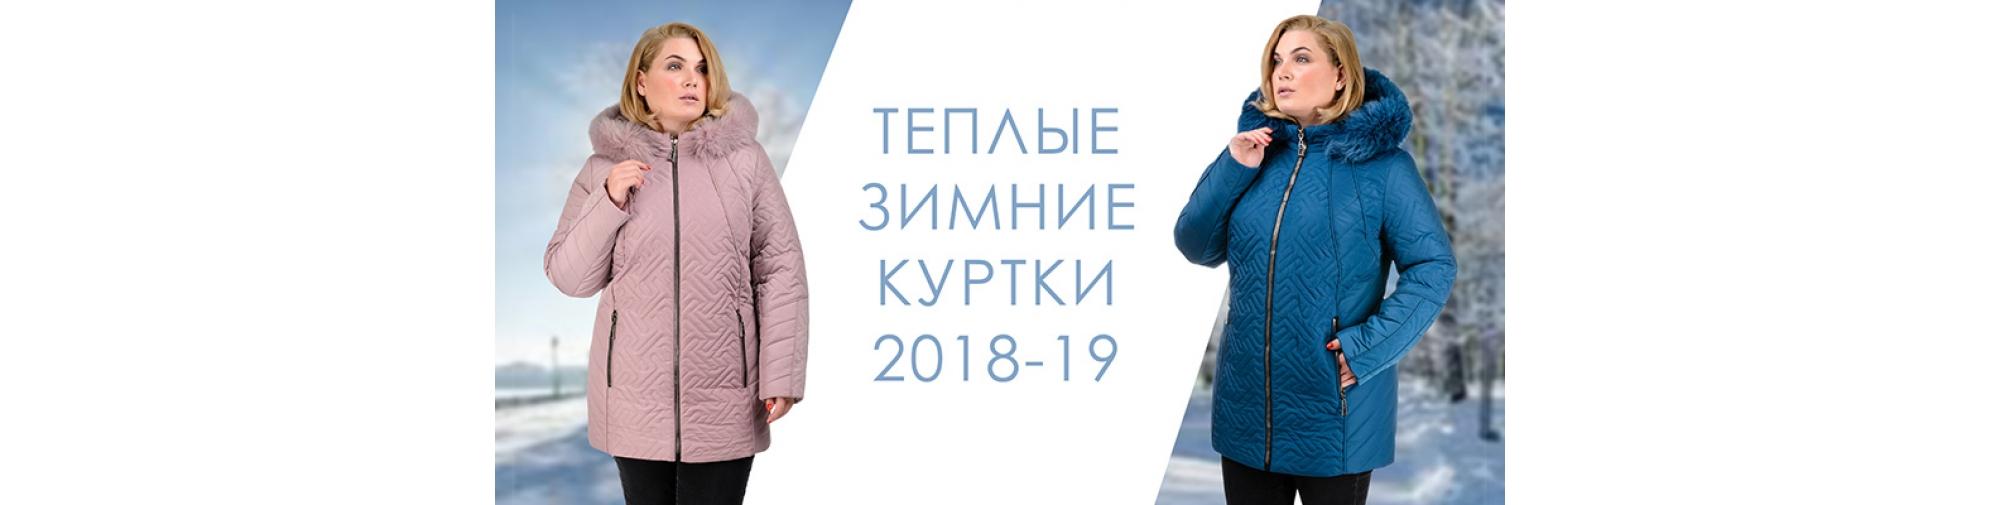 de828c748453 Оптовый интернет-магазин женской одежды, купить модную женскую одежду оптом  от производителя в Украине  Харьков, опт Киев, Одесса